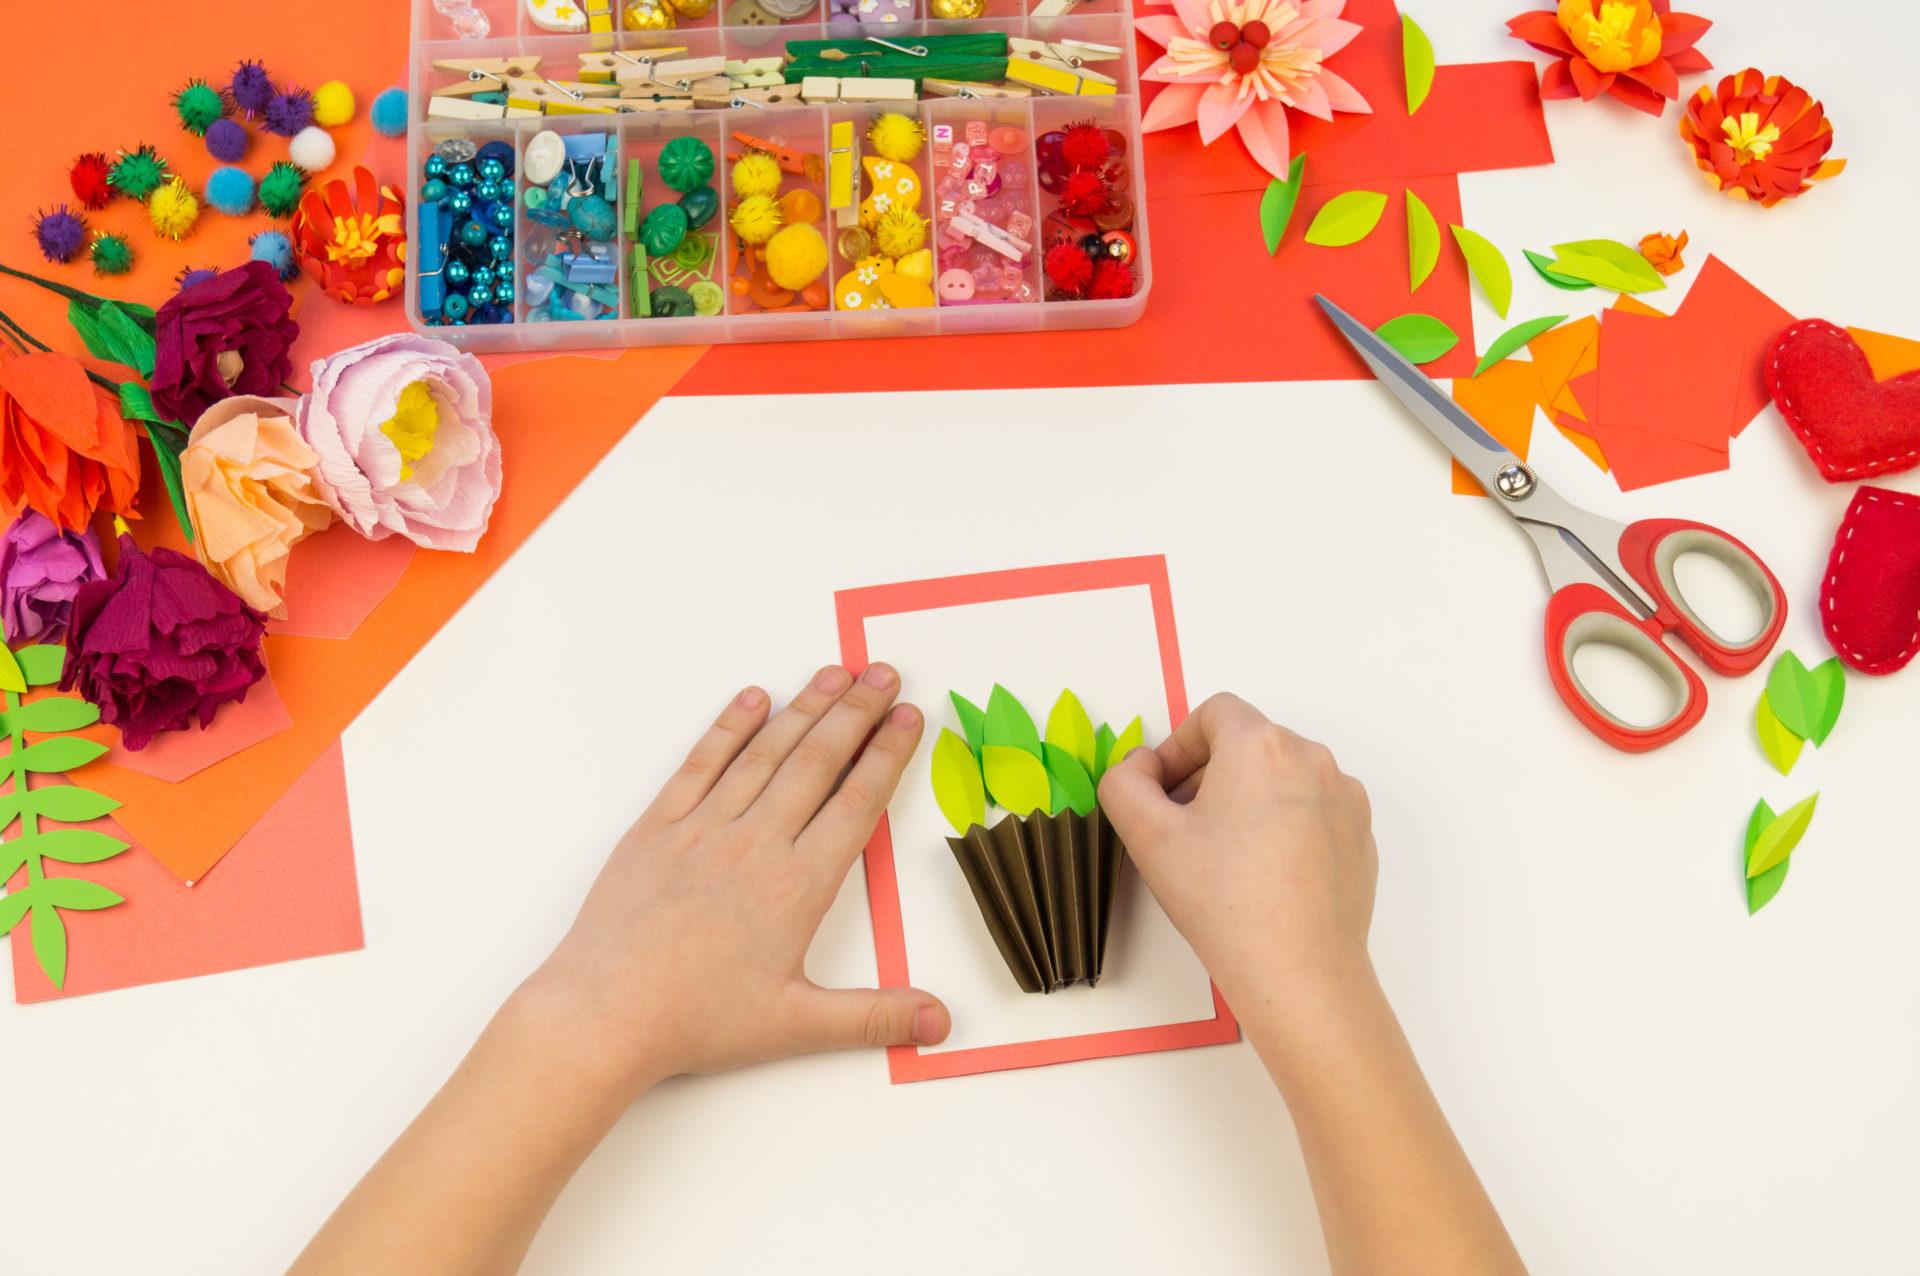 Activités Pour Enfant Pour Le Printemps ; Loisirs Creatifs à Activité Manuelle 4 Ans